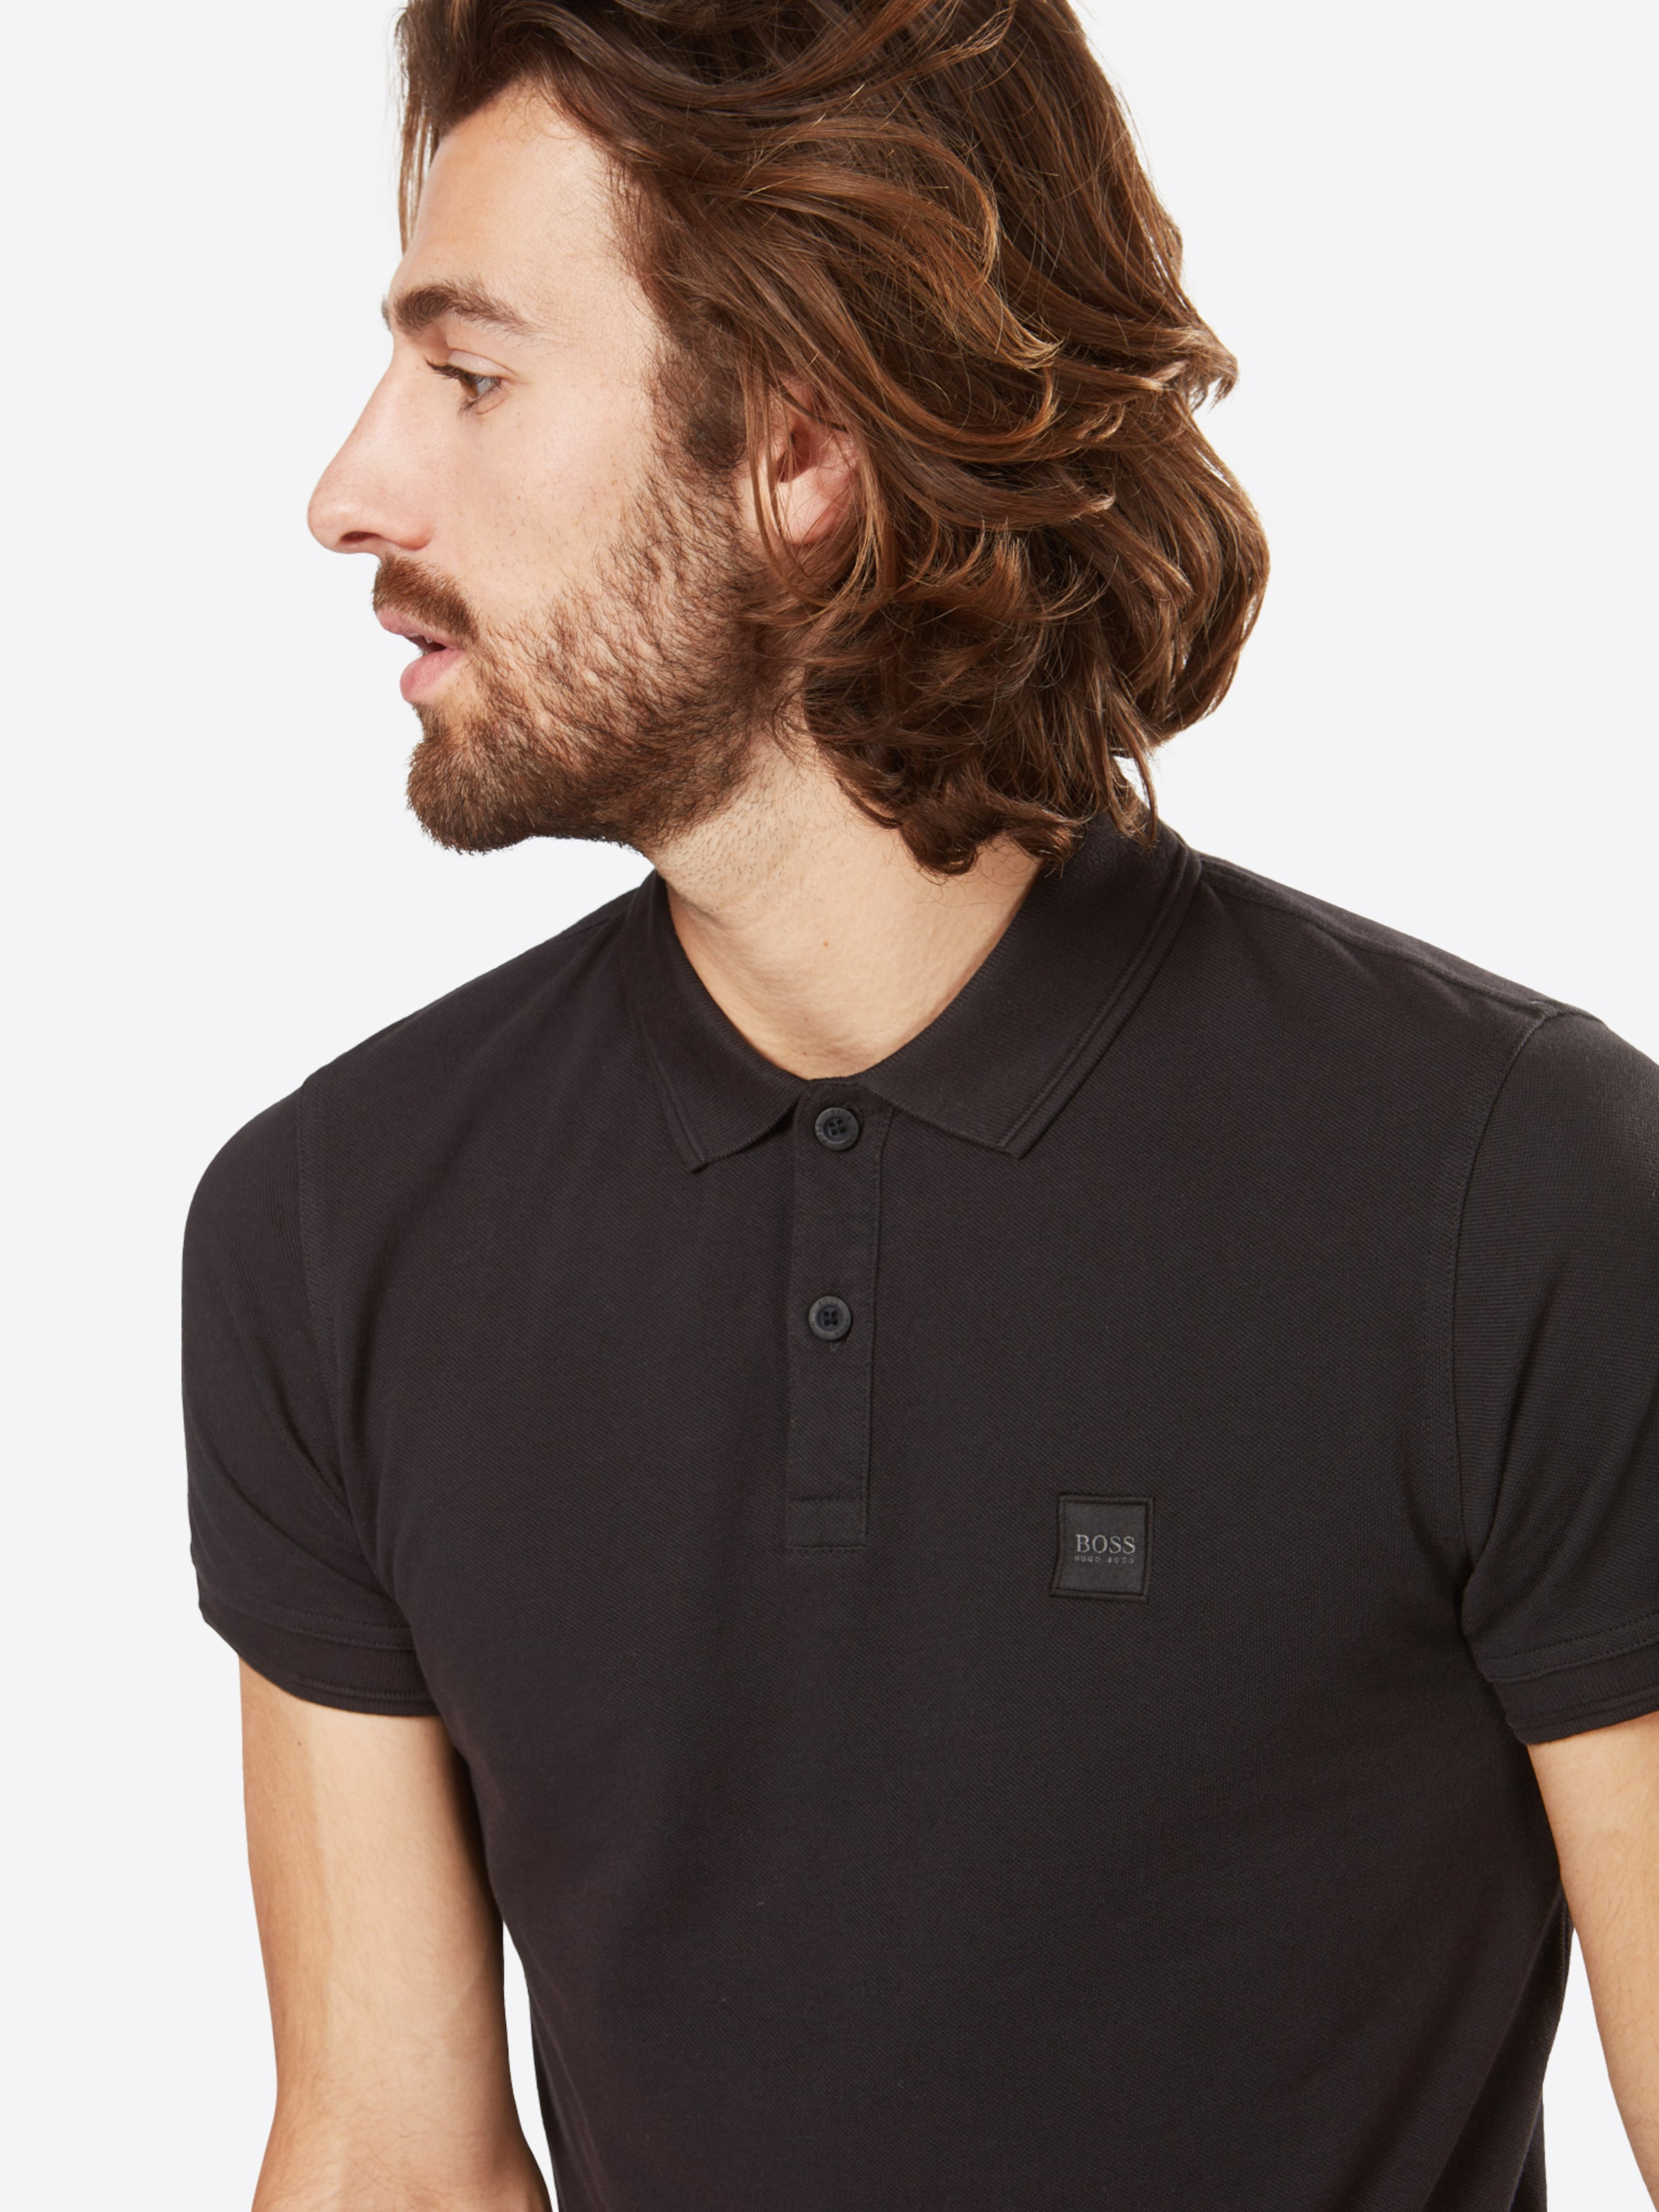 Verkauf Wahl BOSS Poloshirt mit Piqué-Struktur 'Prime' Billig Zuverlässige Online Rabatt Finden Große Spielraum Shop-Angebot tL2l7jqR